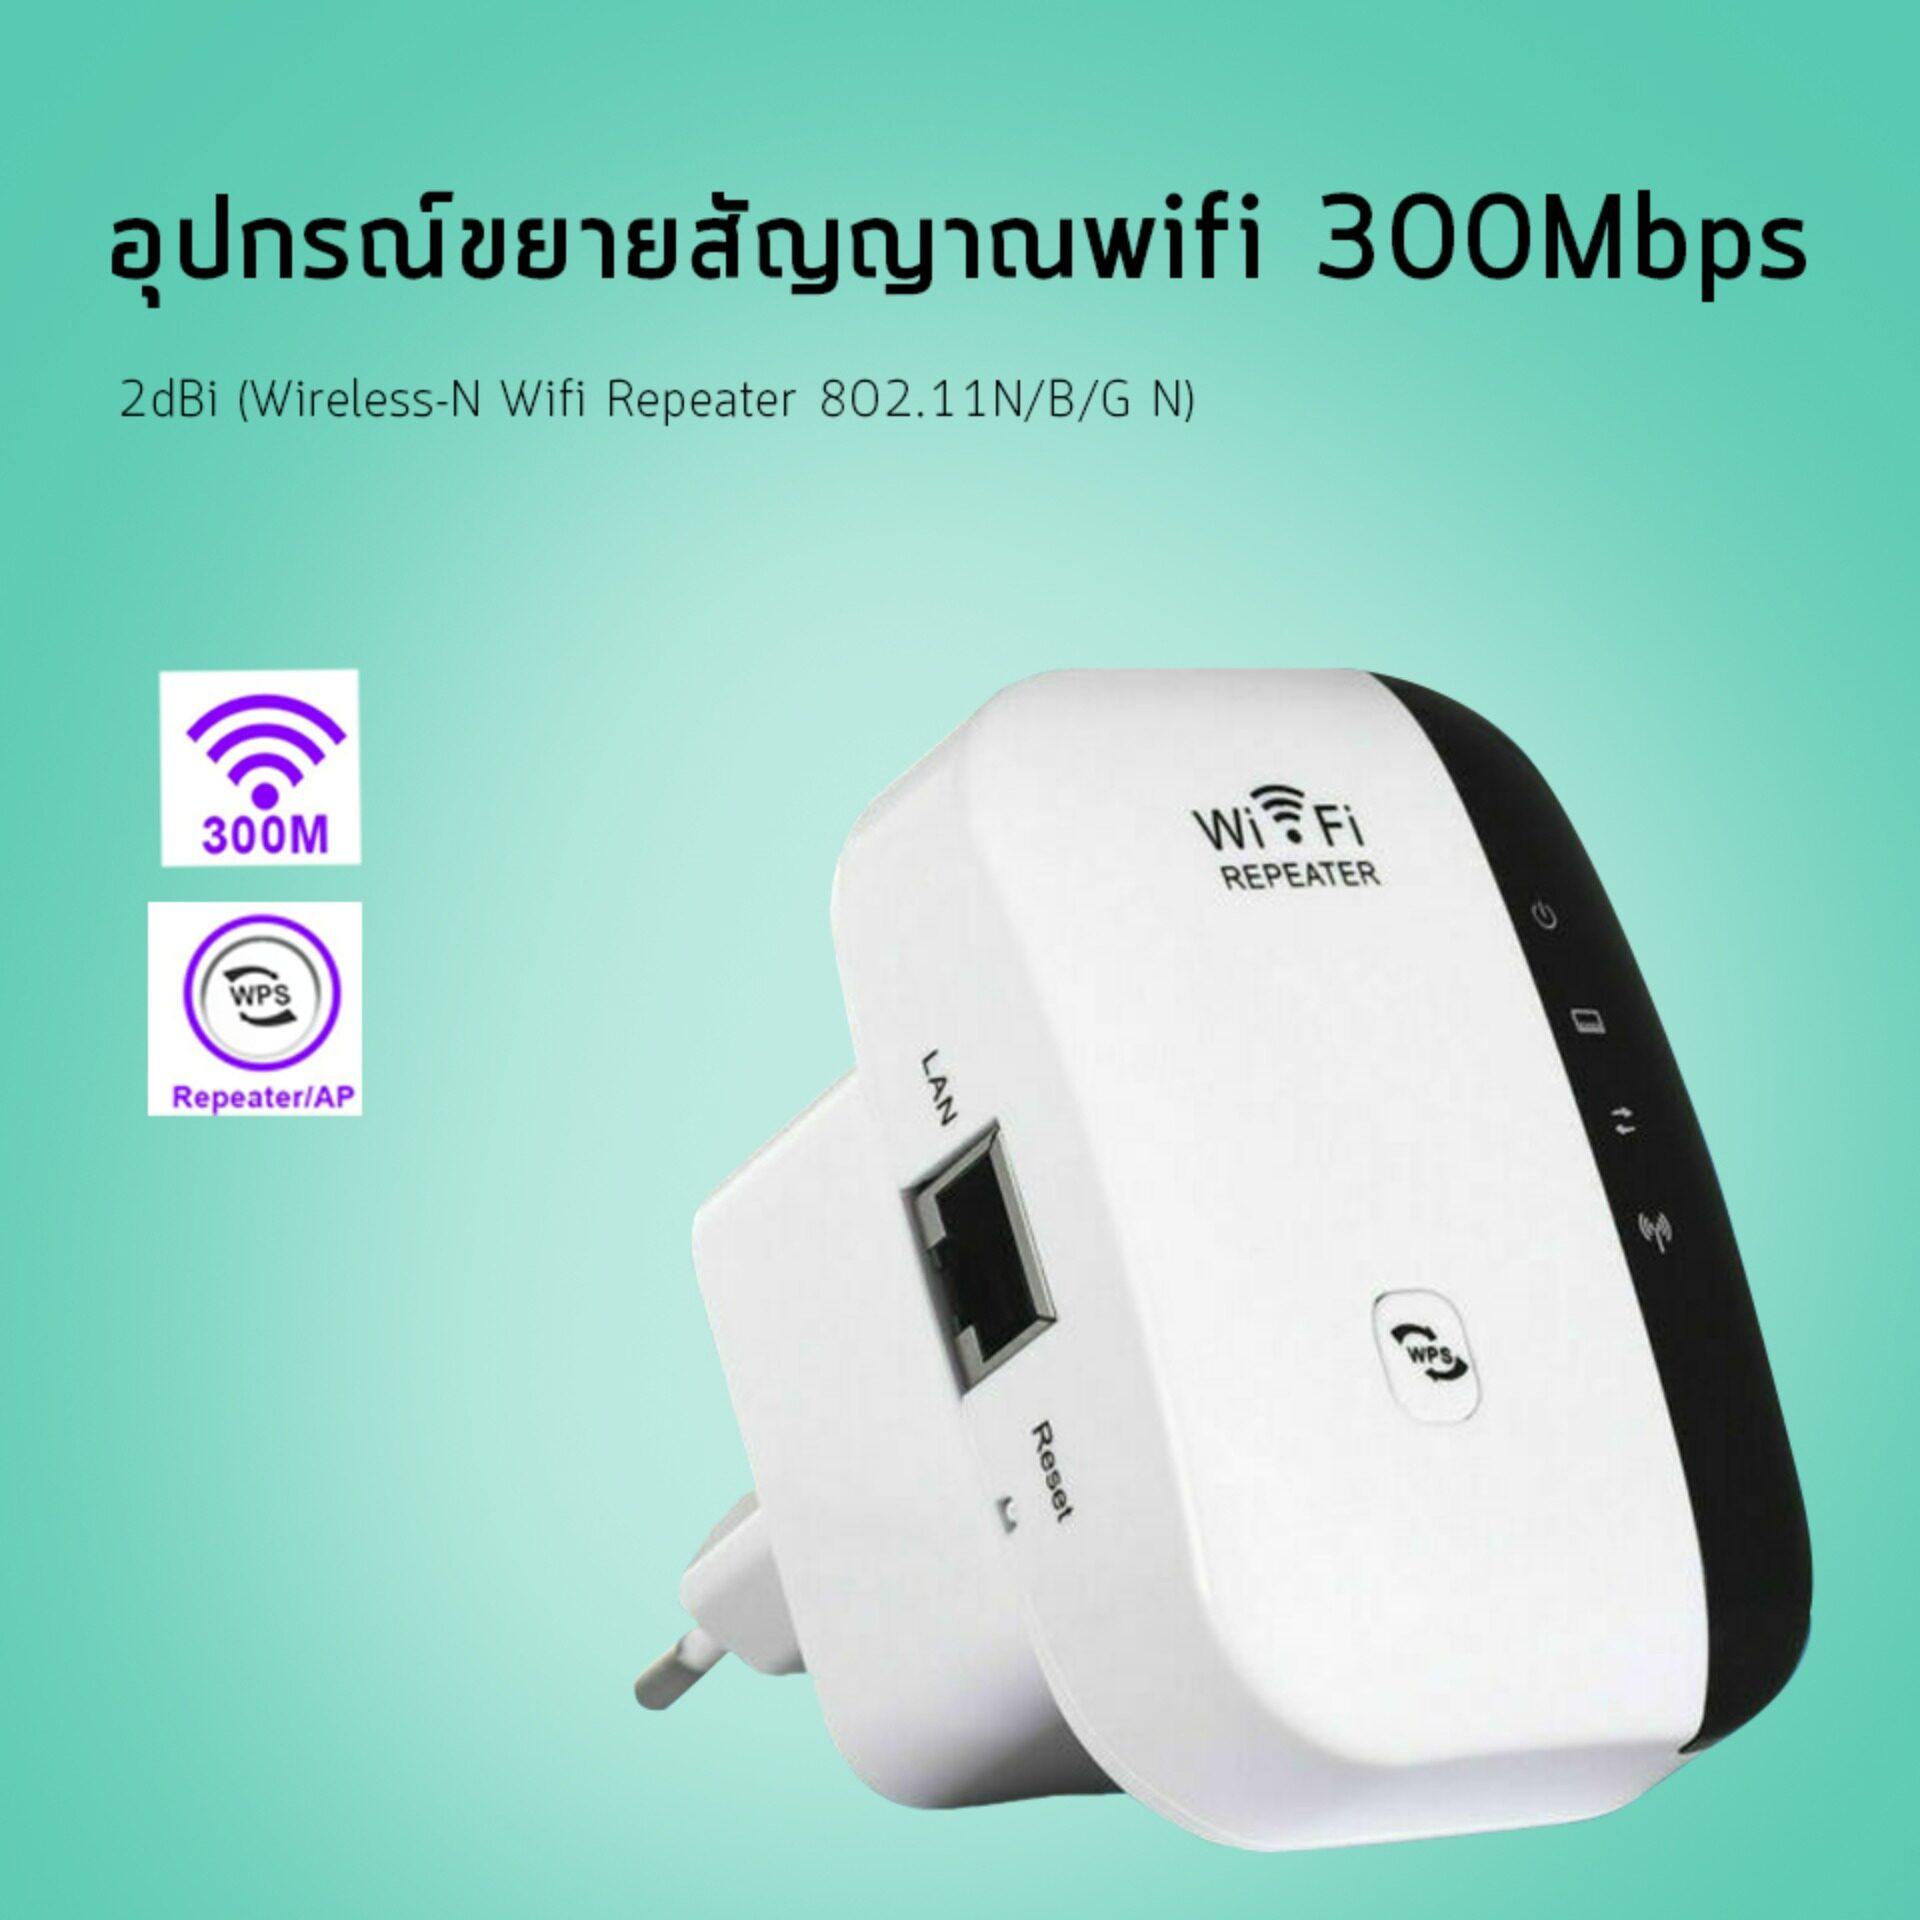 ดูดสัญญาณ Wifi ง่ายๆ แค่เสียบปลั๊ก Best Wireless-N Router 300mbps Universal Wifi Range Extender Repeater High Speed (white).